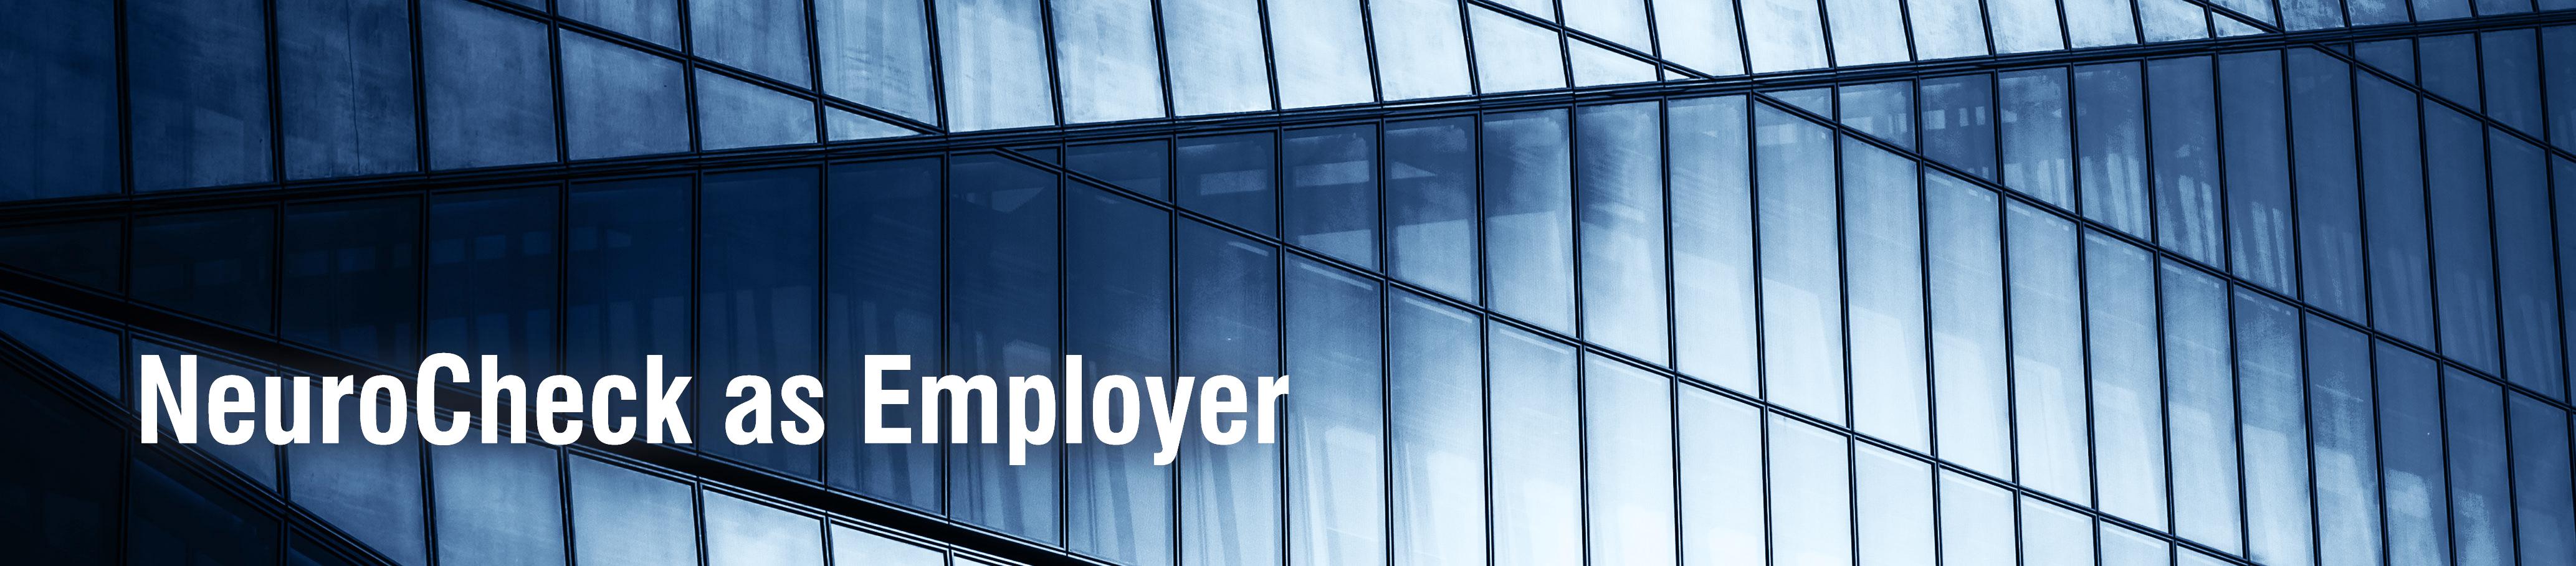 NeuroCheck as Employer (Image © designed by Fanjianhua - Freepik.com)